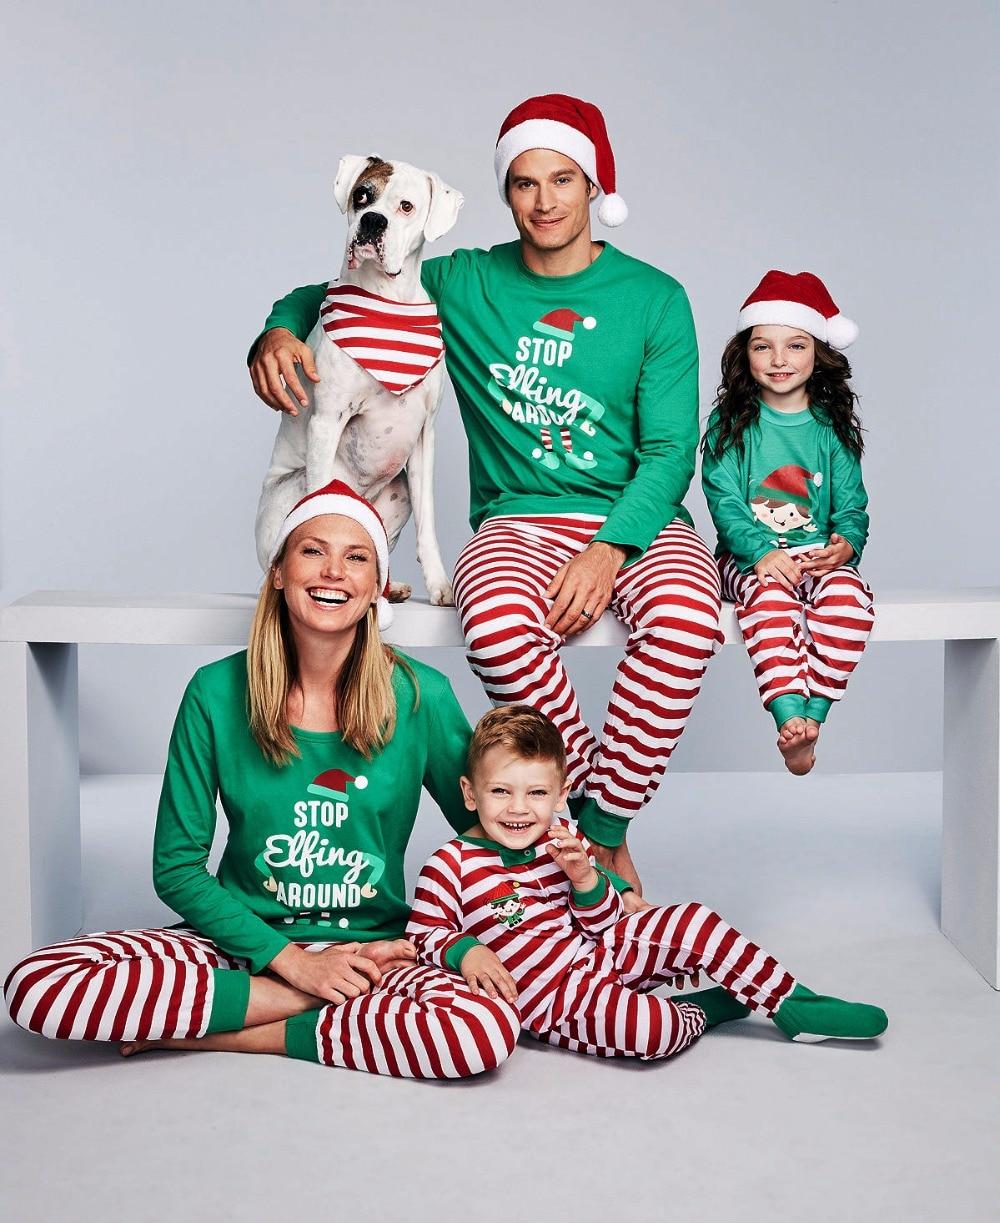 Familia pijamas de Navidad Set rayas conjunto familia mirar Matching familia pijamas de Navidad familia ropa a juego